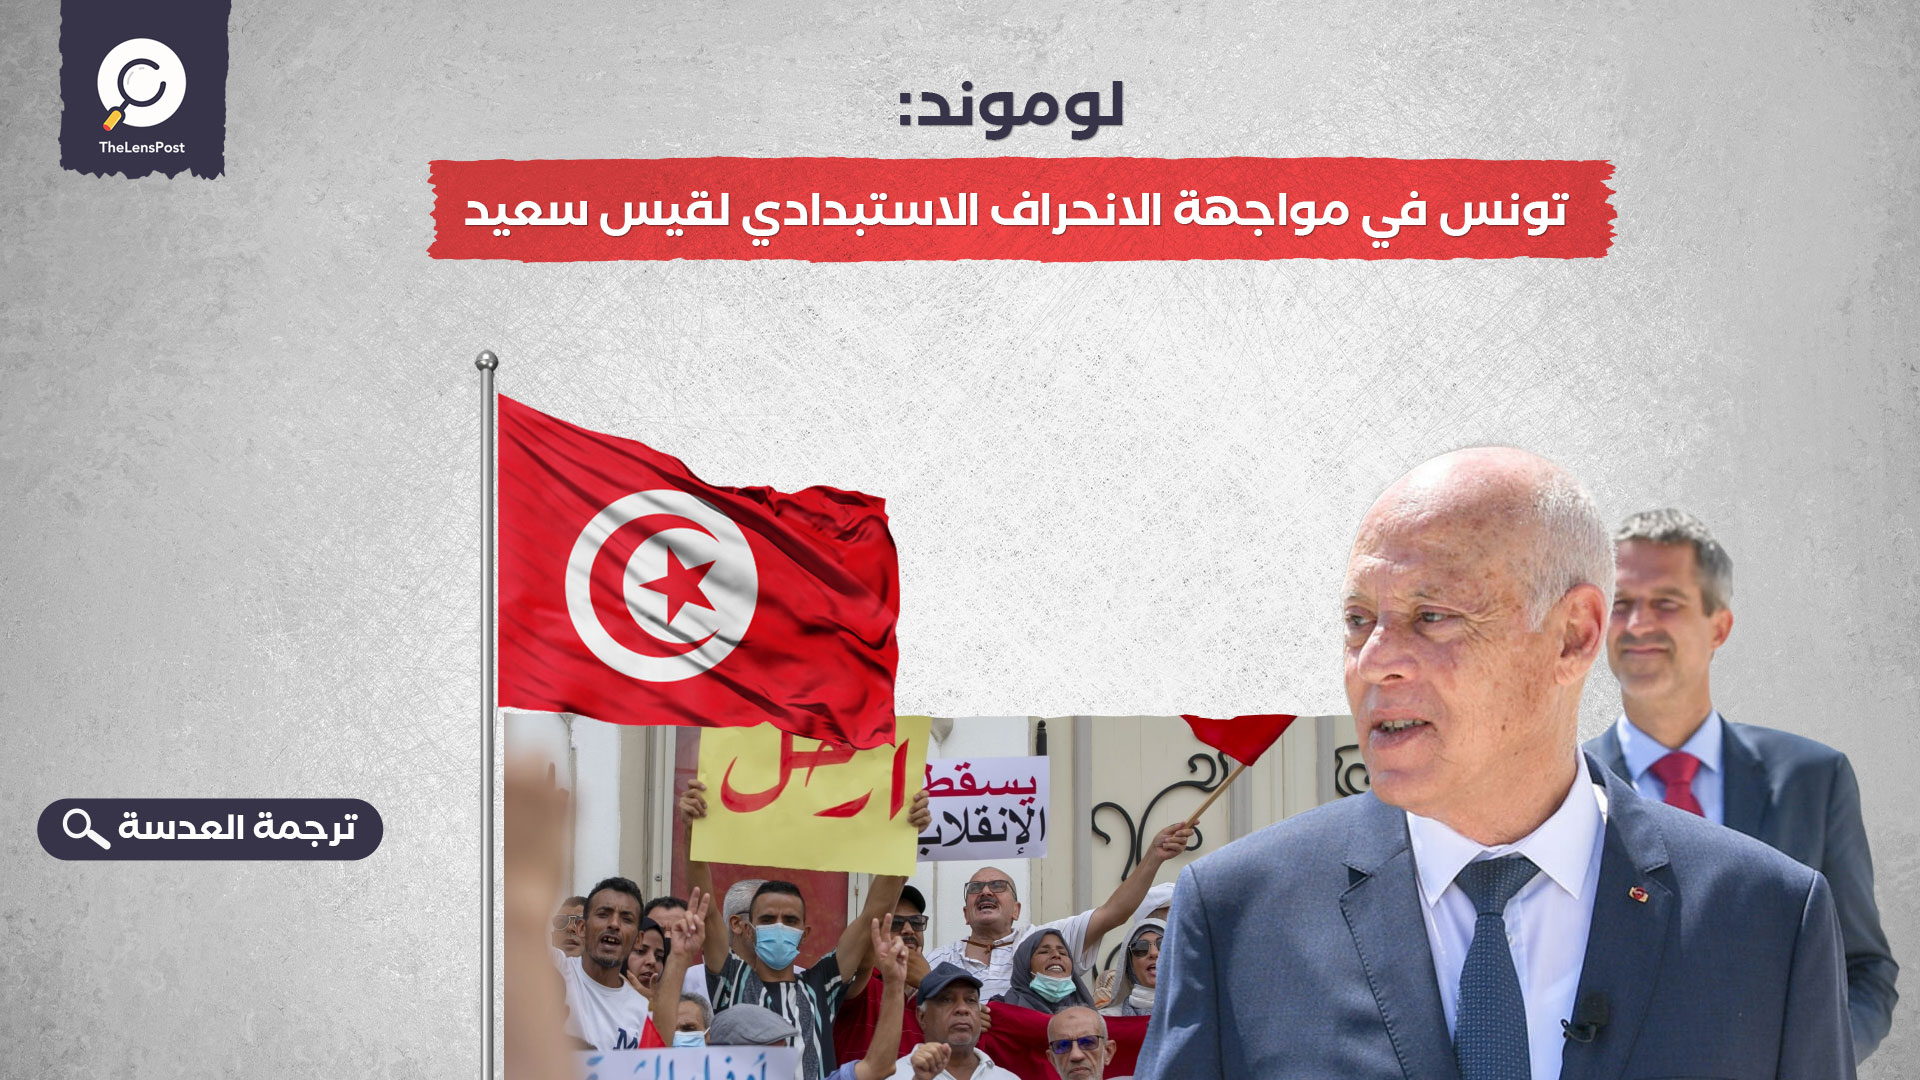 لوموند: تونس في مواجهة الانحراف الاستبدادي لقيس سعيد